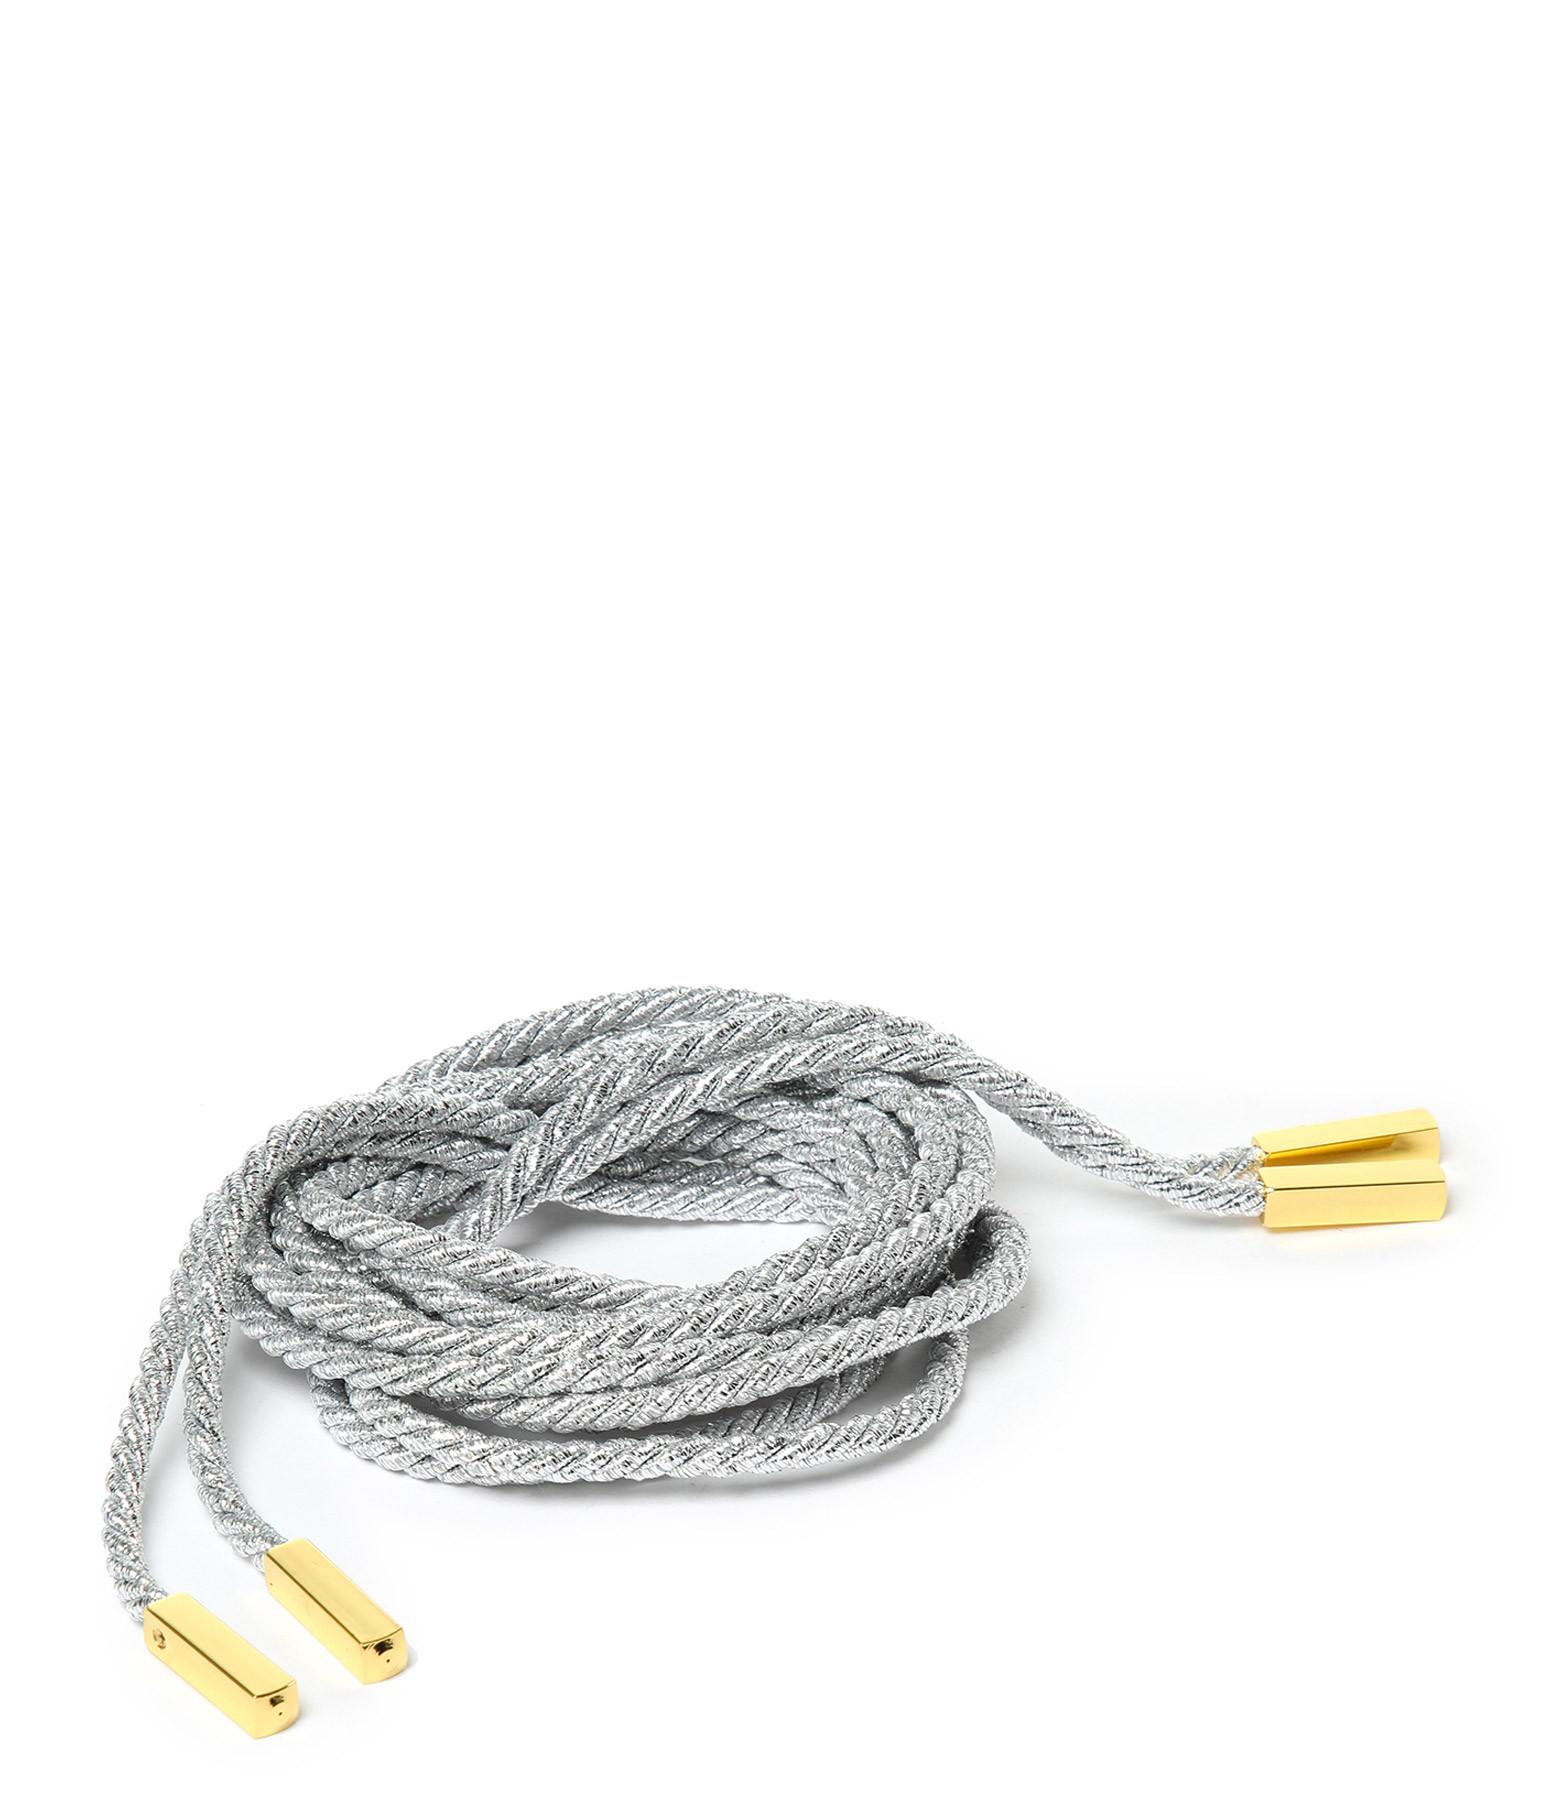 TARAH BLANCHE - Cordes Sandales Lurex Argent